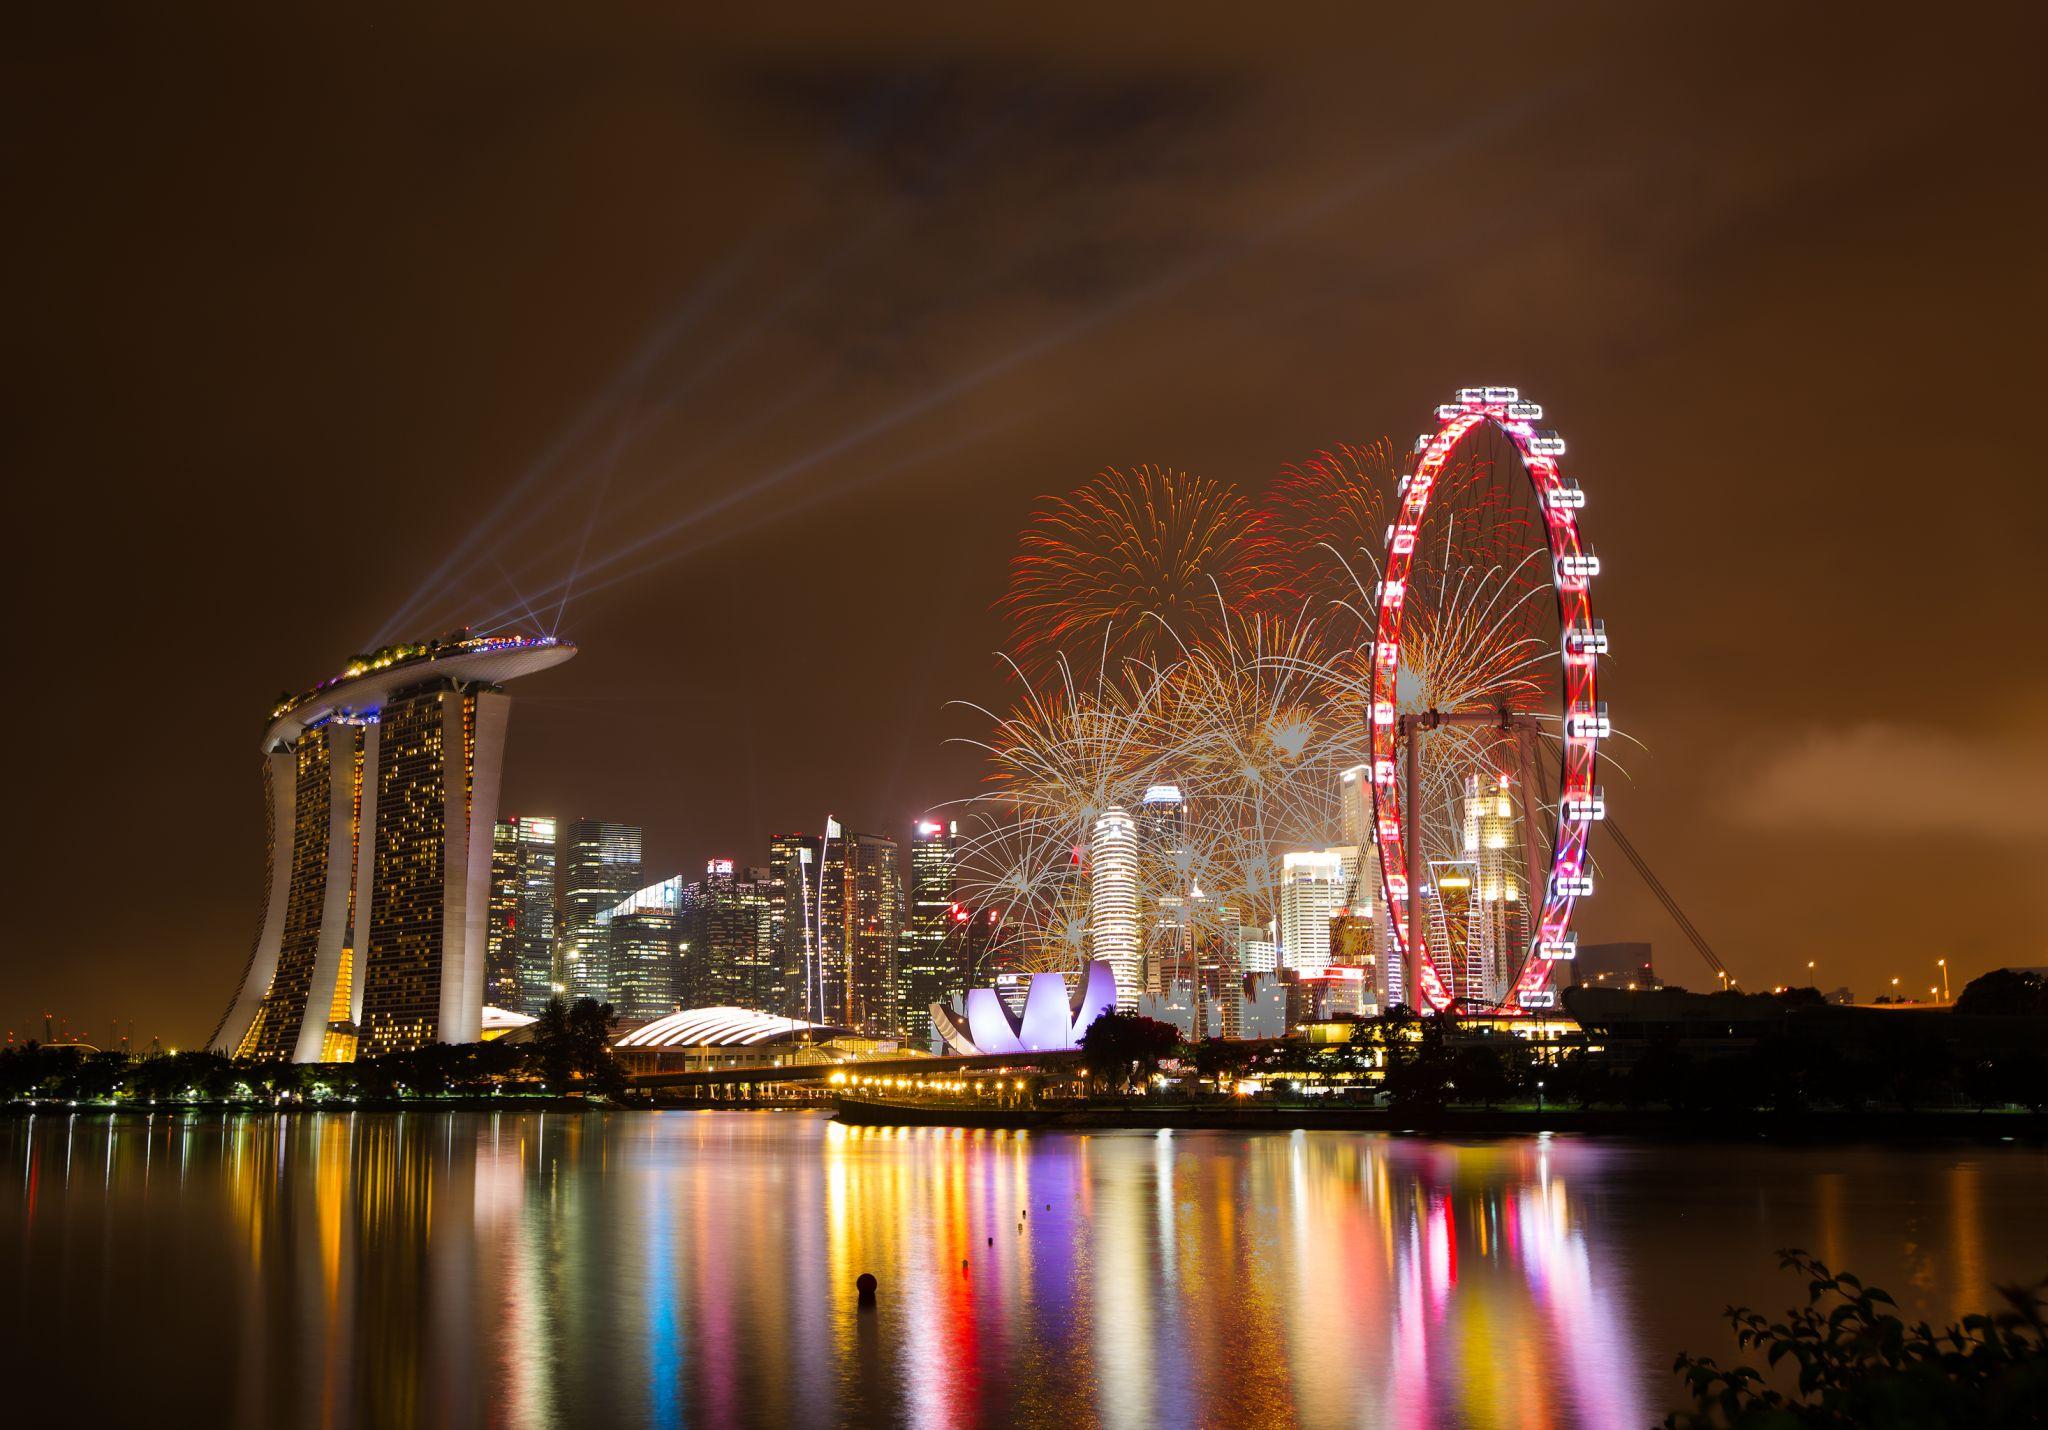 Helix Bridge & Marina Bay Sands, Singapore, Singapore